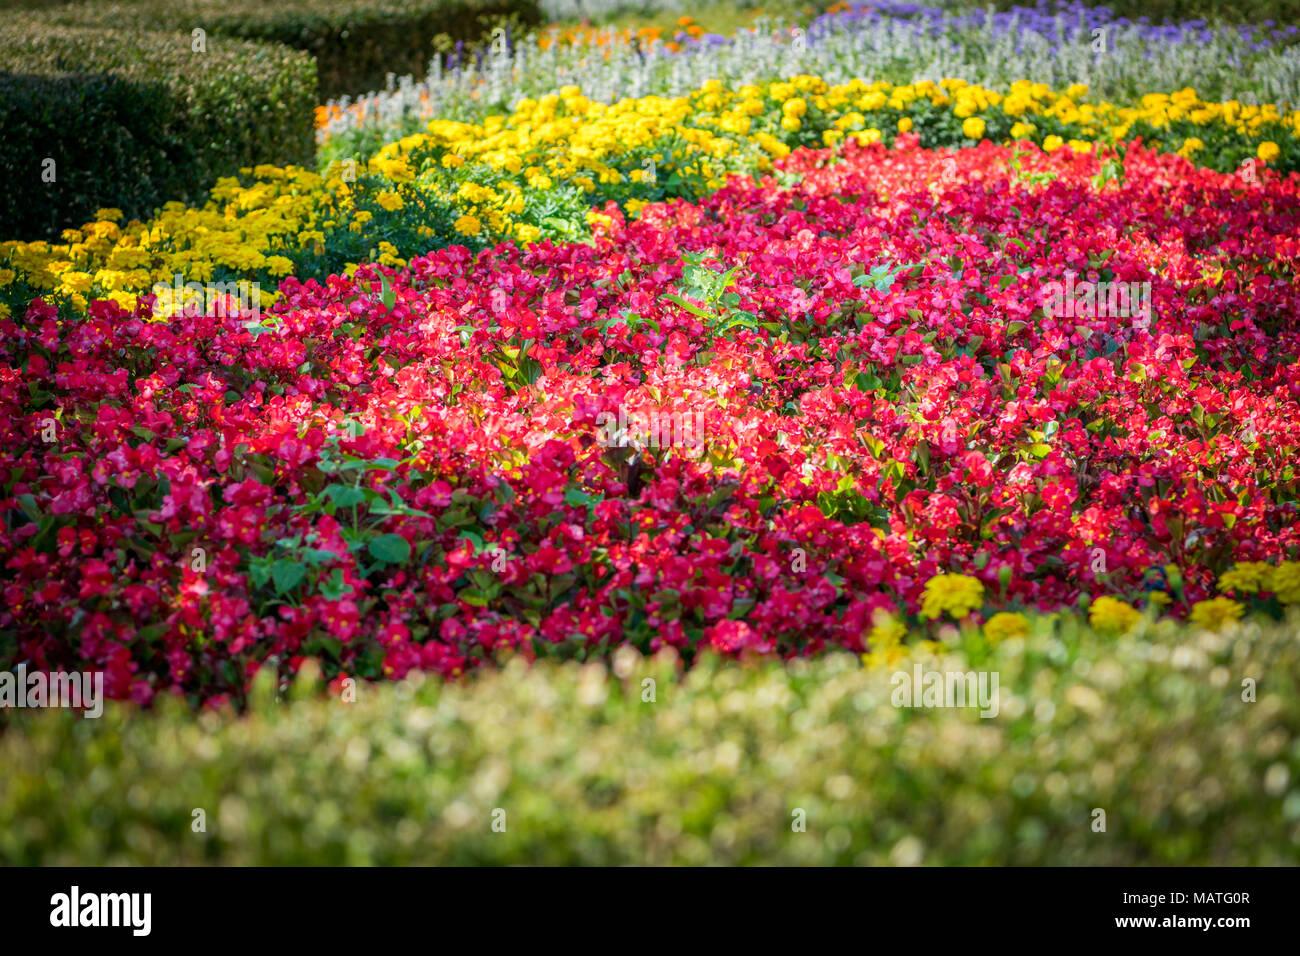 Colorful flower bushes in grassalkovich garden stock photo colorful flower bushes in grassalkovich garden izmirmasajfo